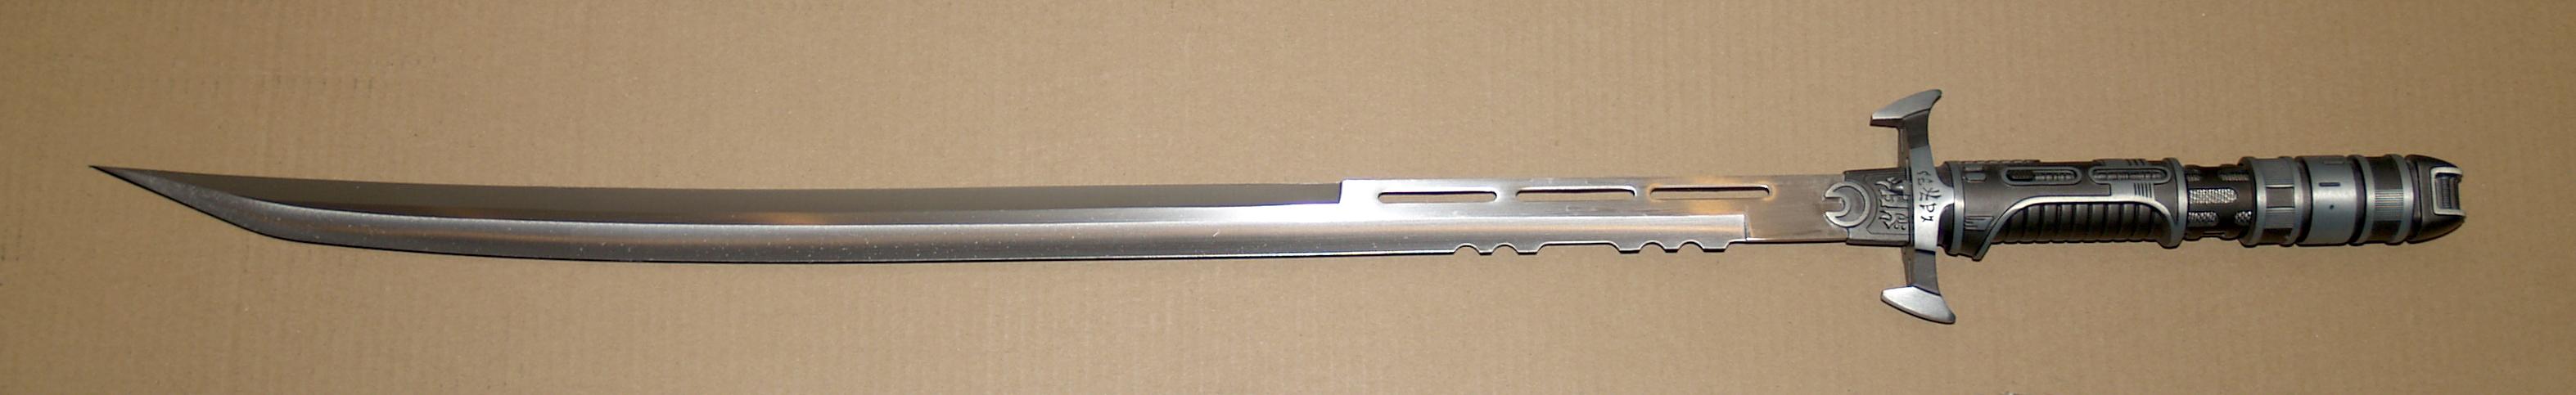 Fantasy Sword 4